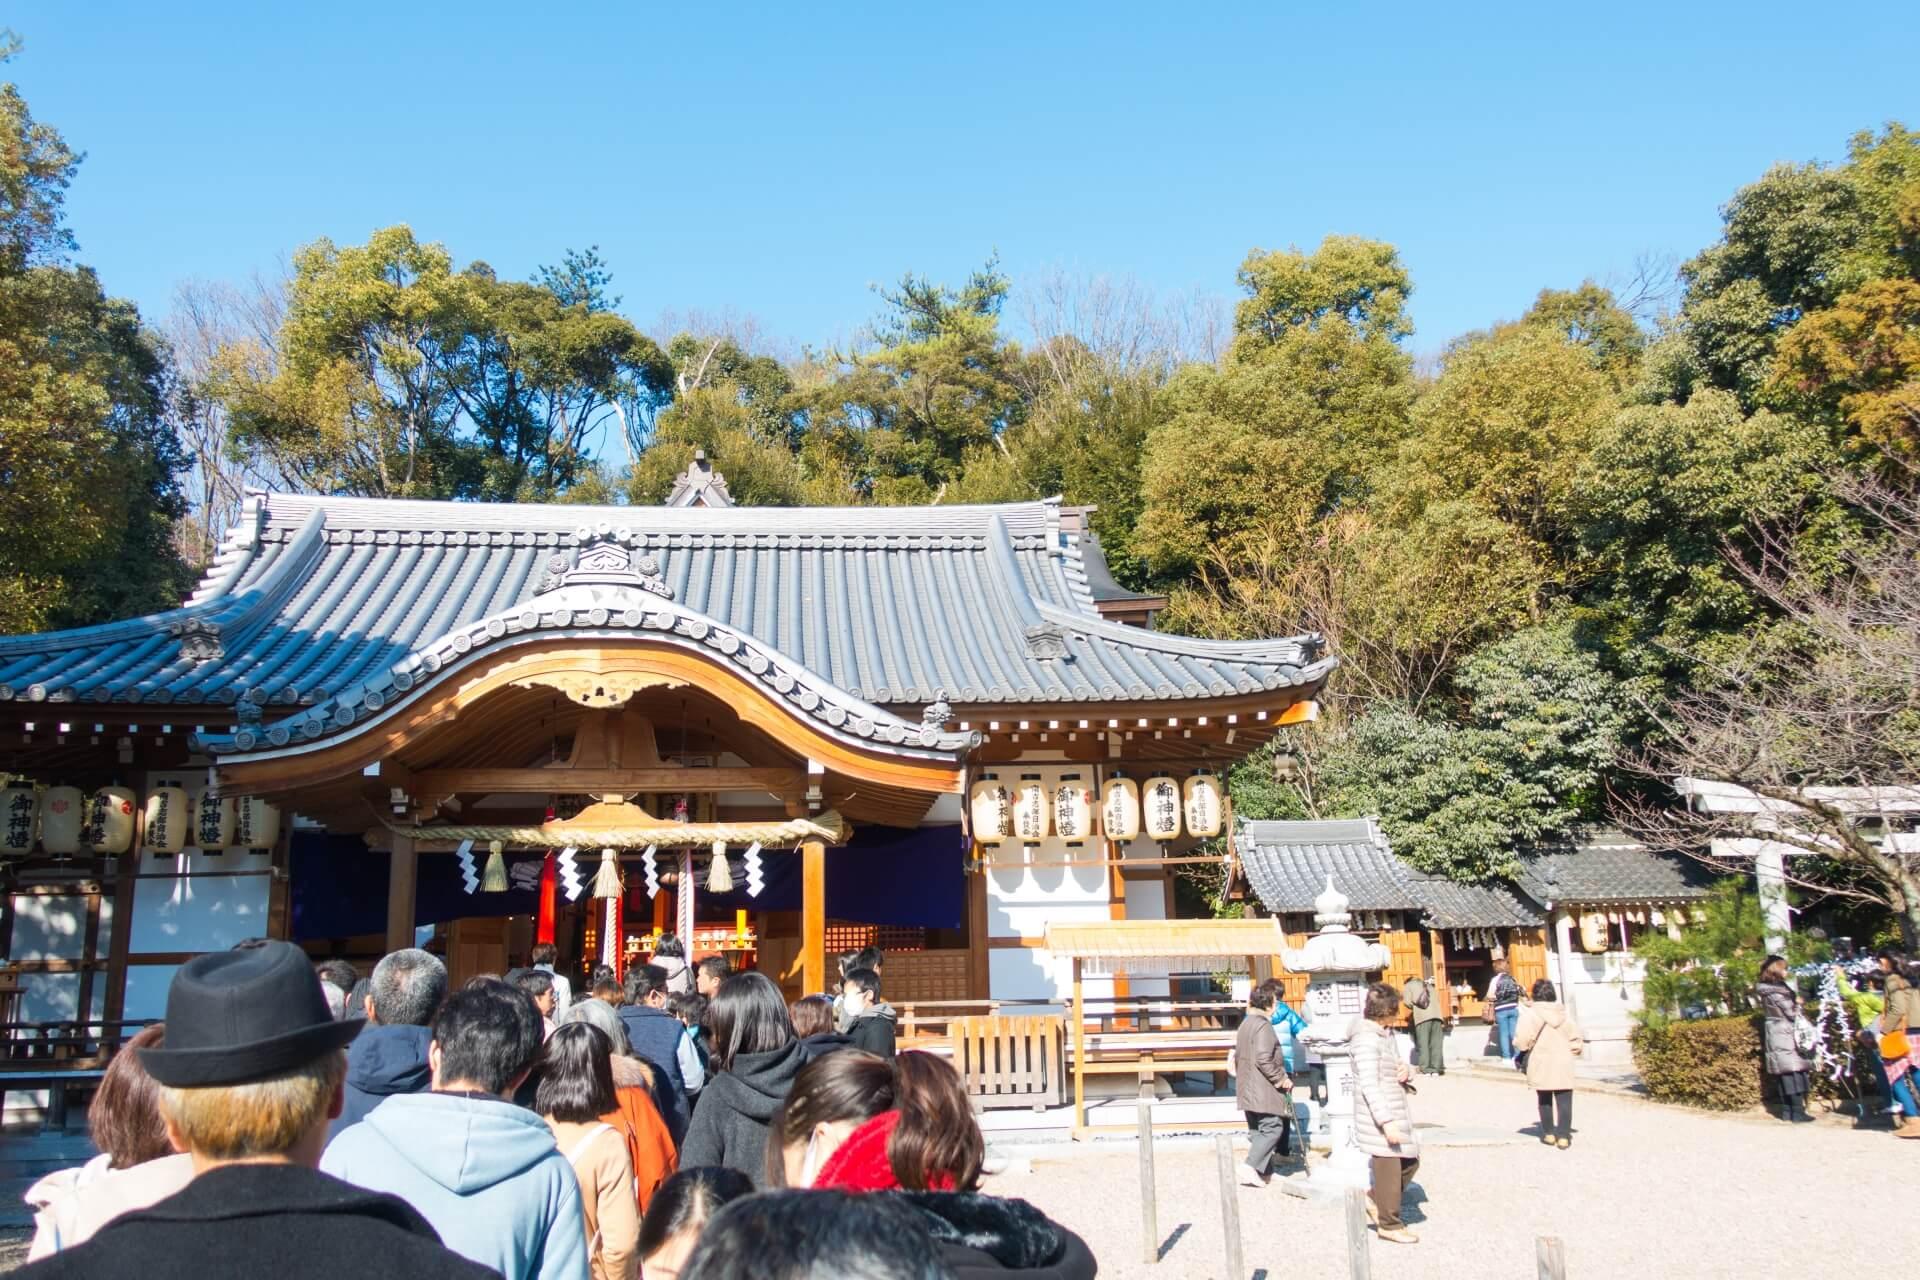 大阪で初詣に行くならここ!お勧め初詣スポット